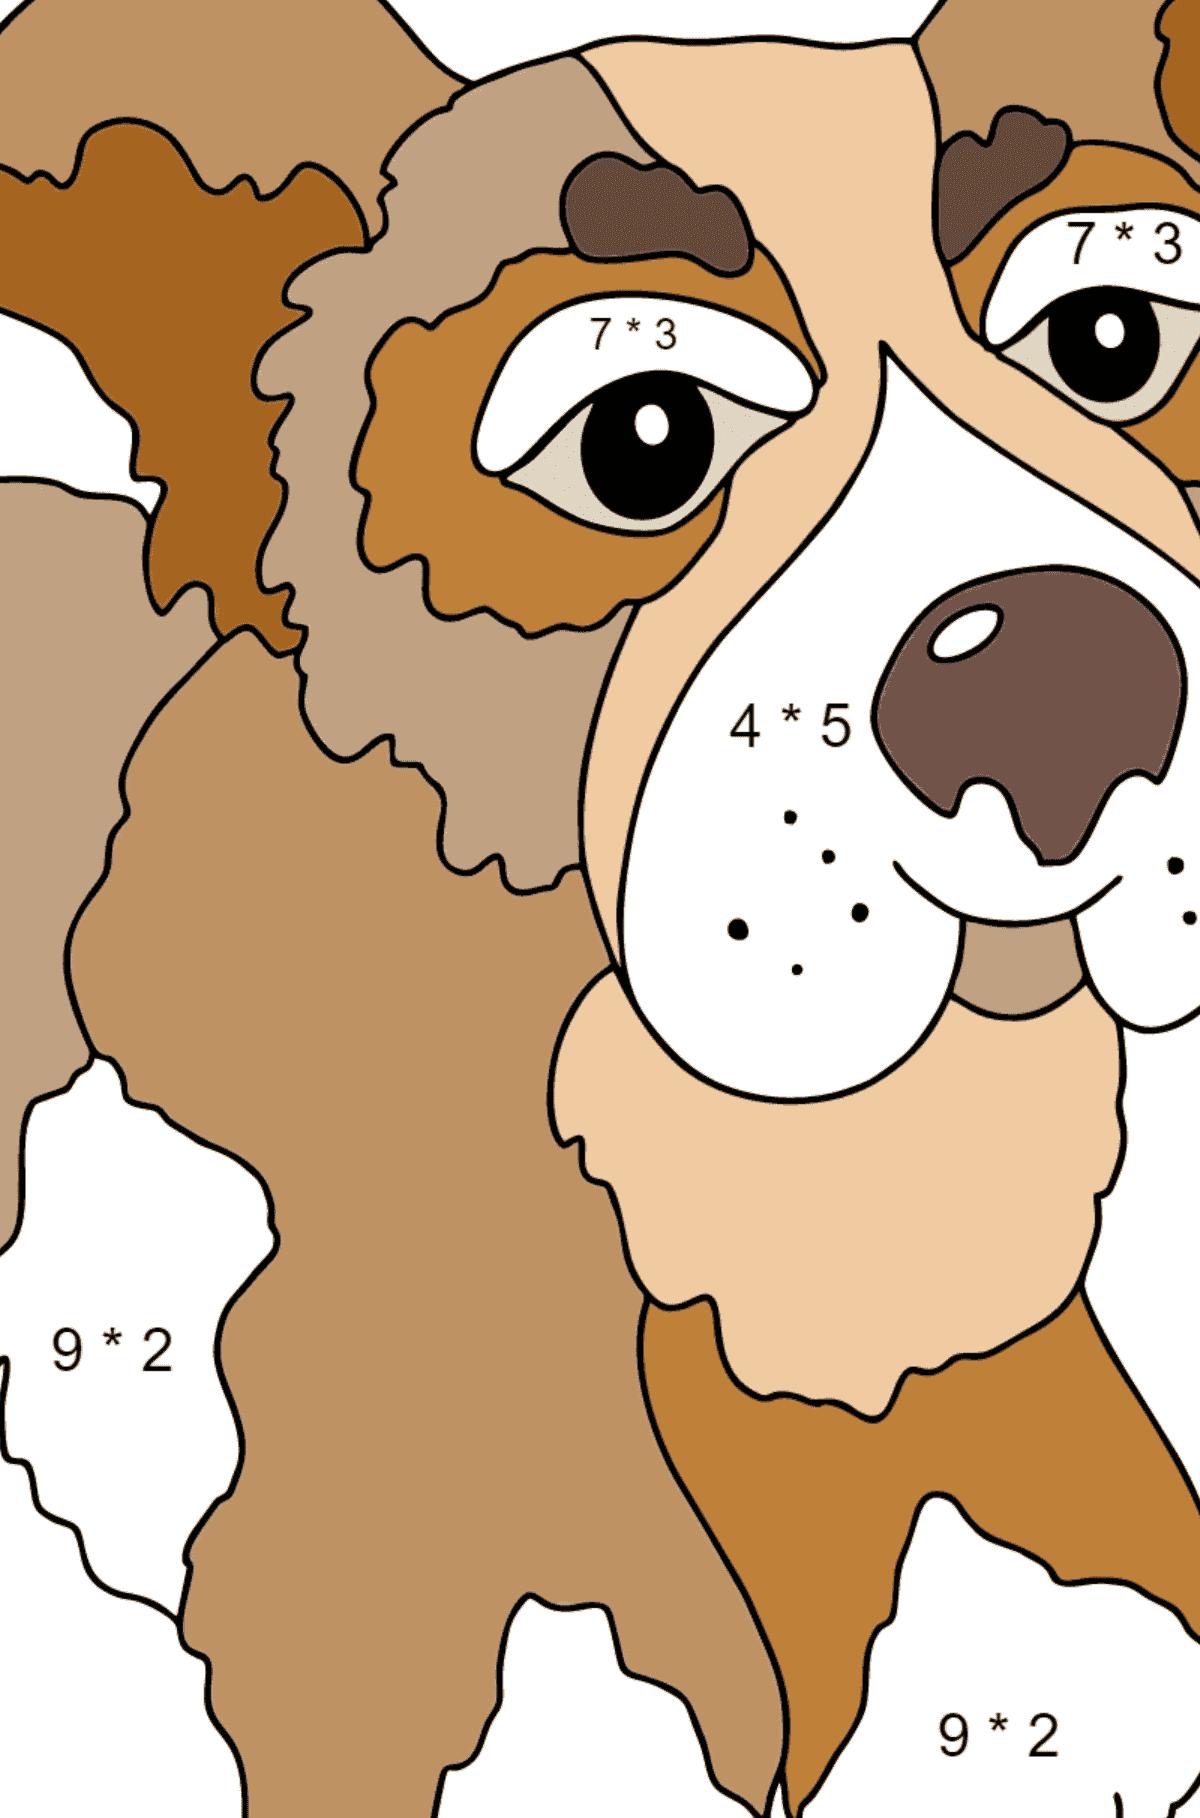 Desenho para colorir - um cachorro está brincando com uma bola